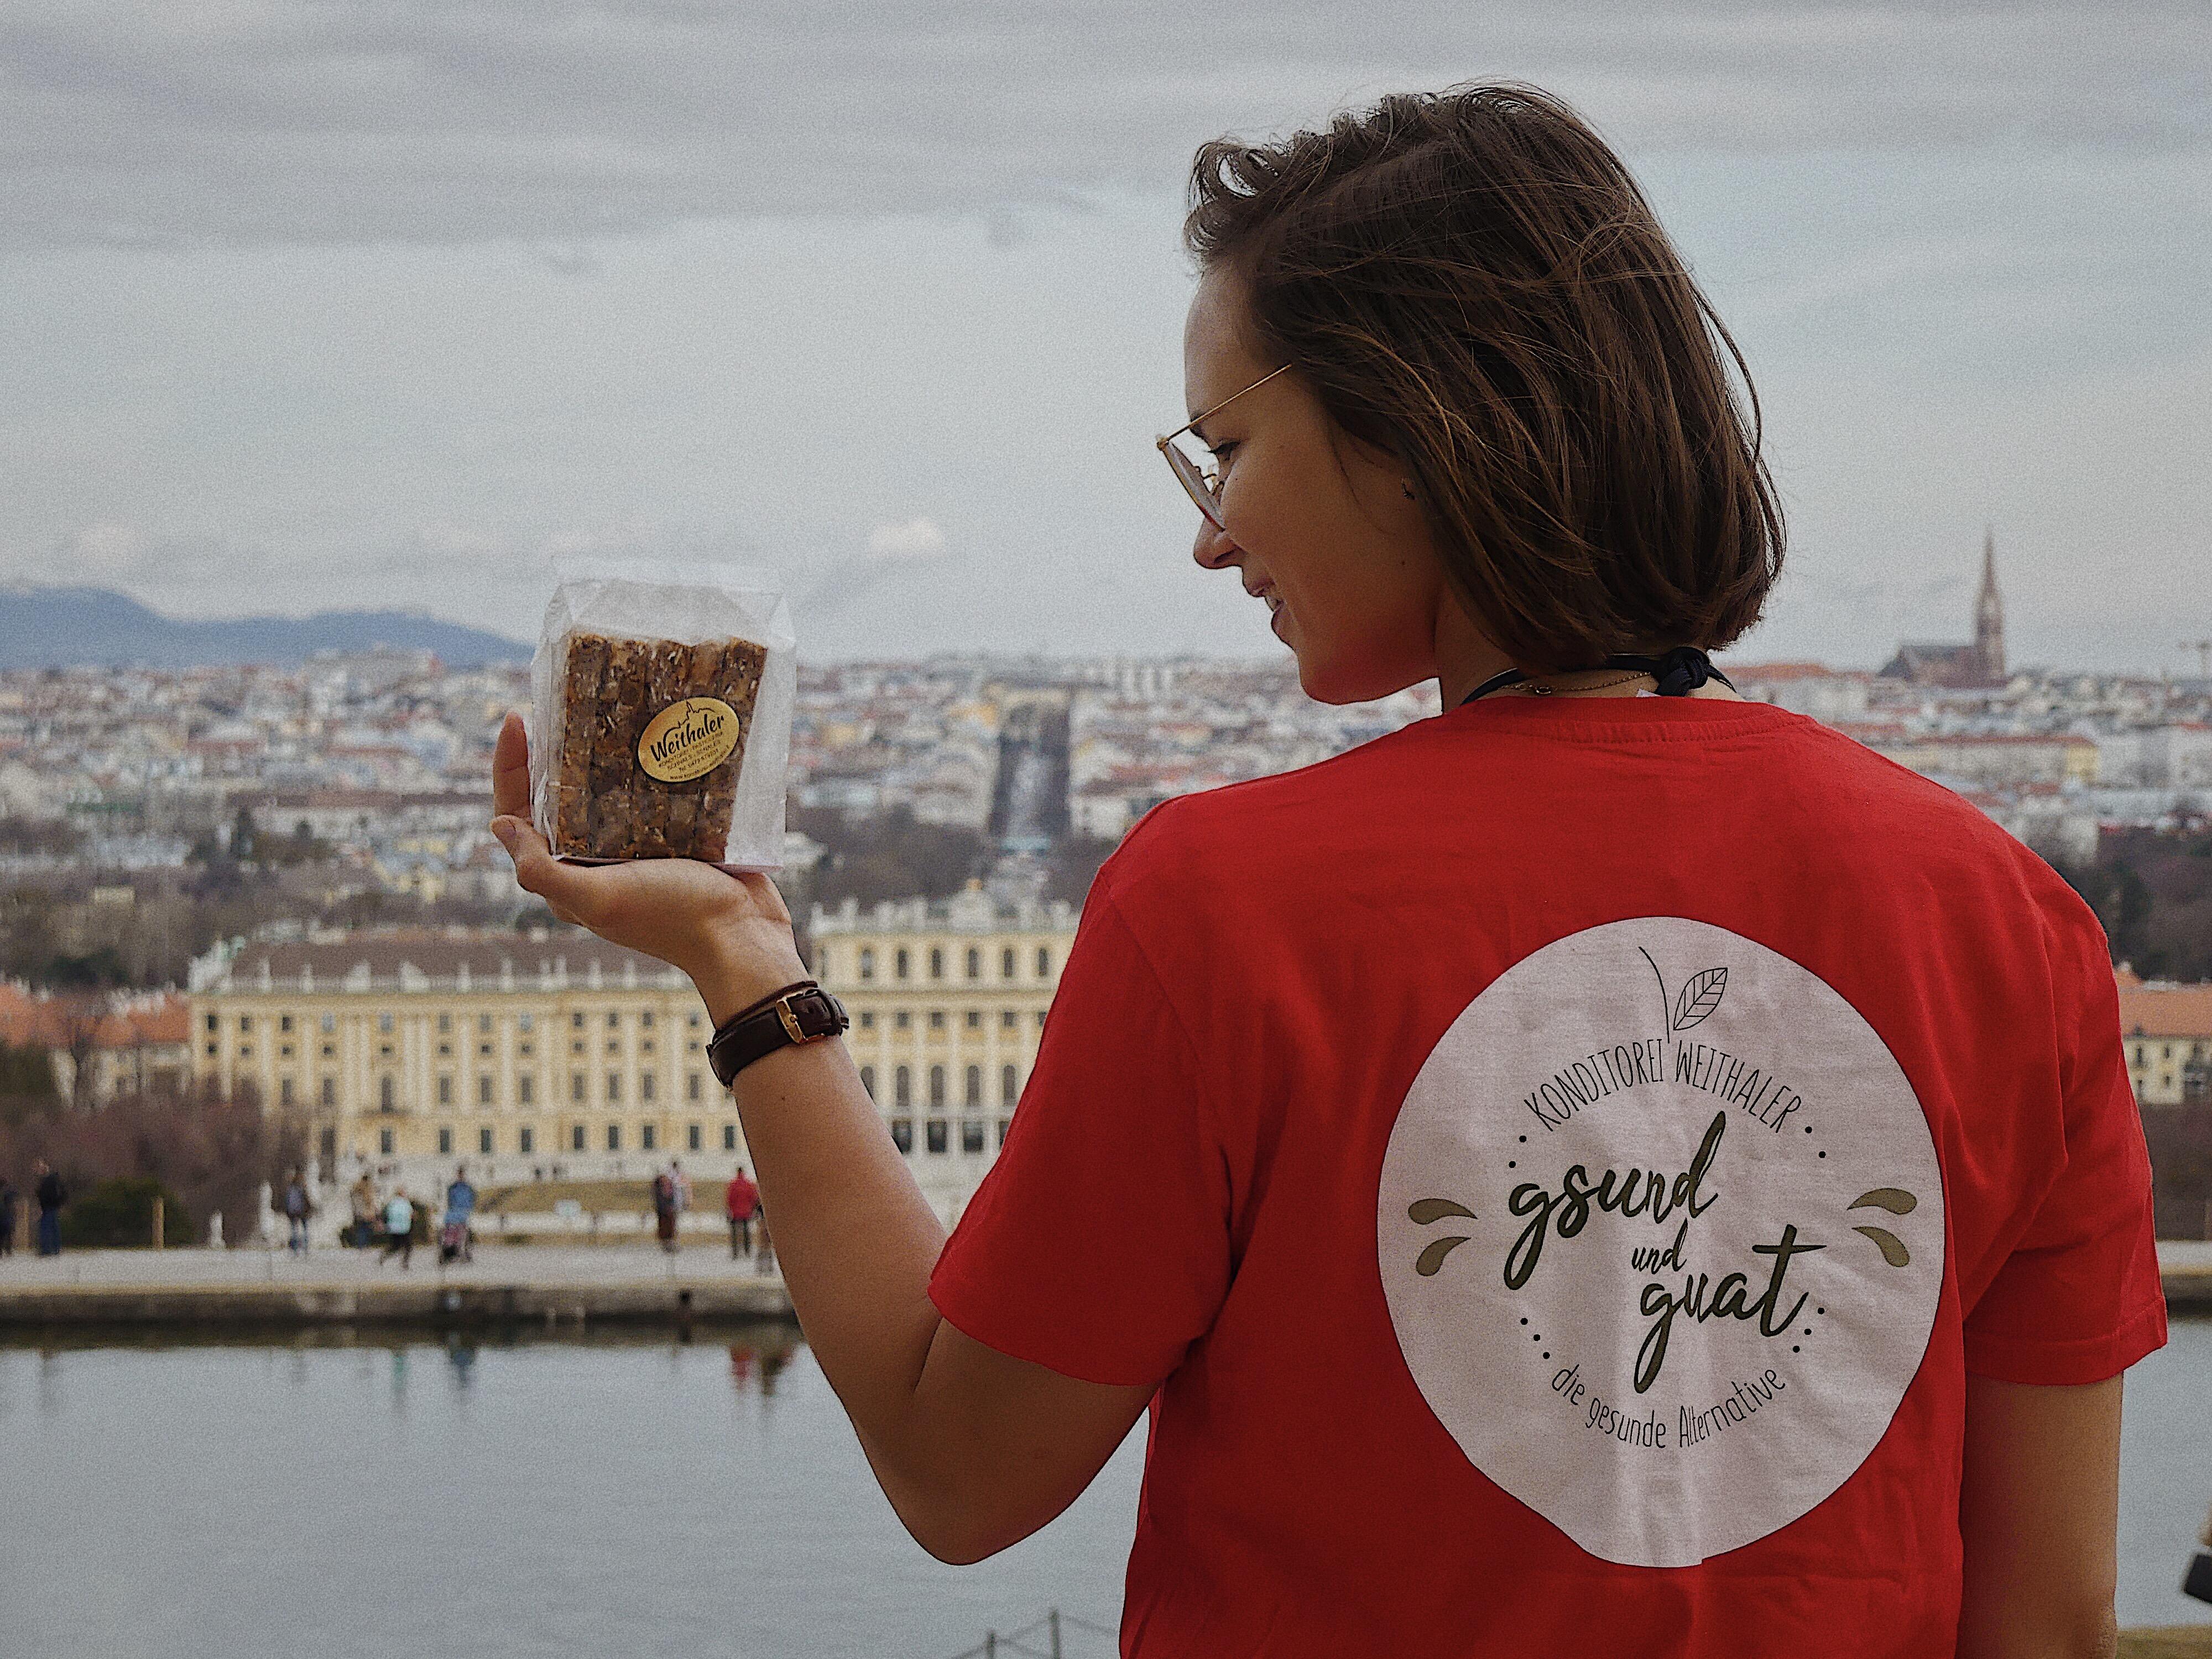 Gsund und Guat T-Shirts